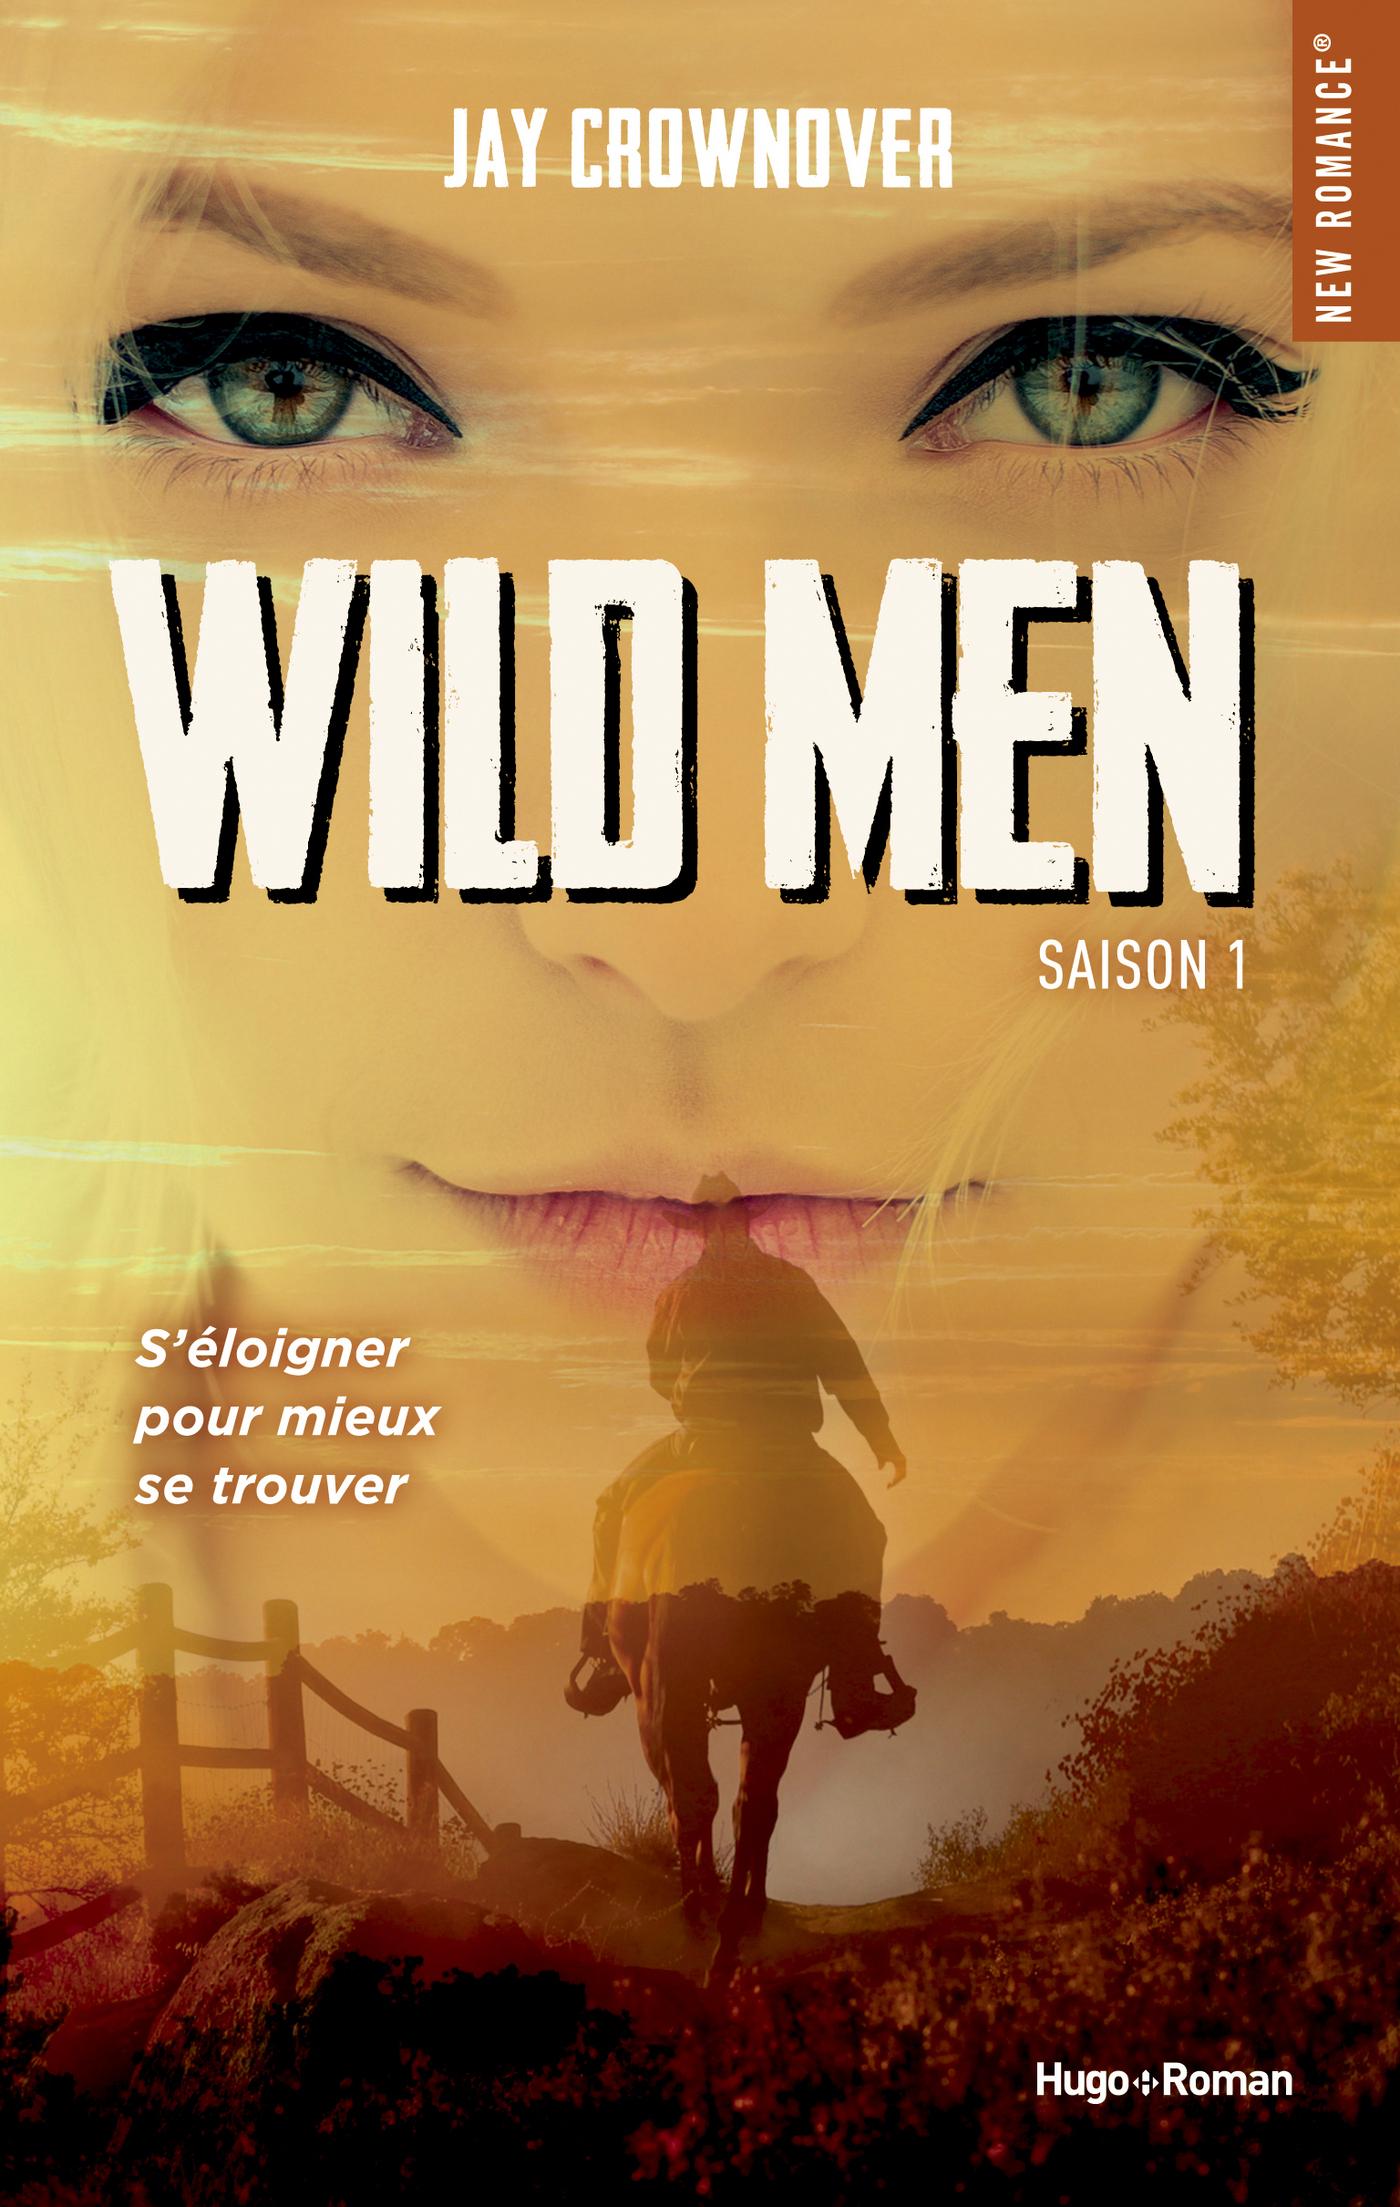 Wild Men Saison 1 -Extrait offert-